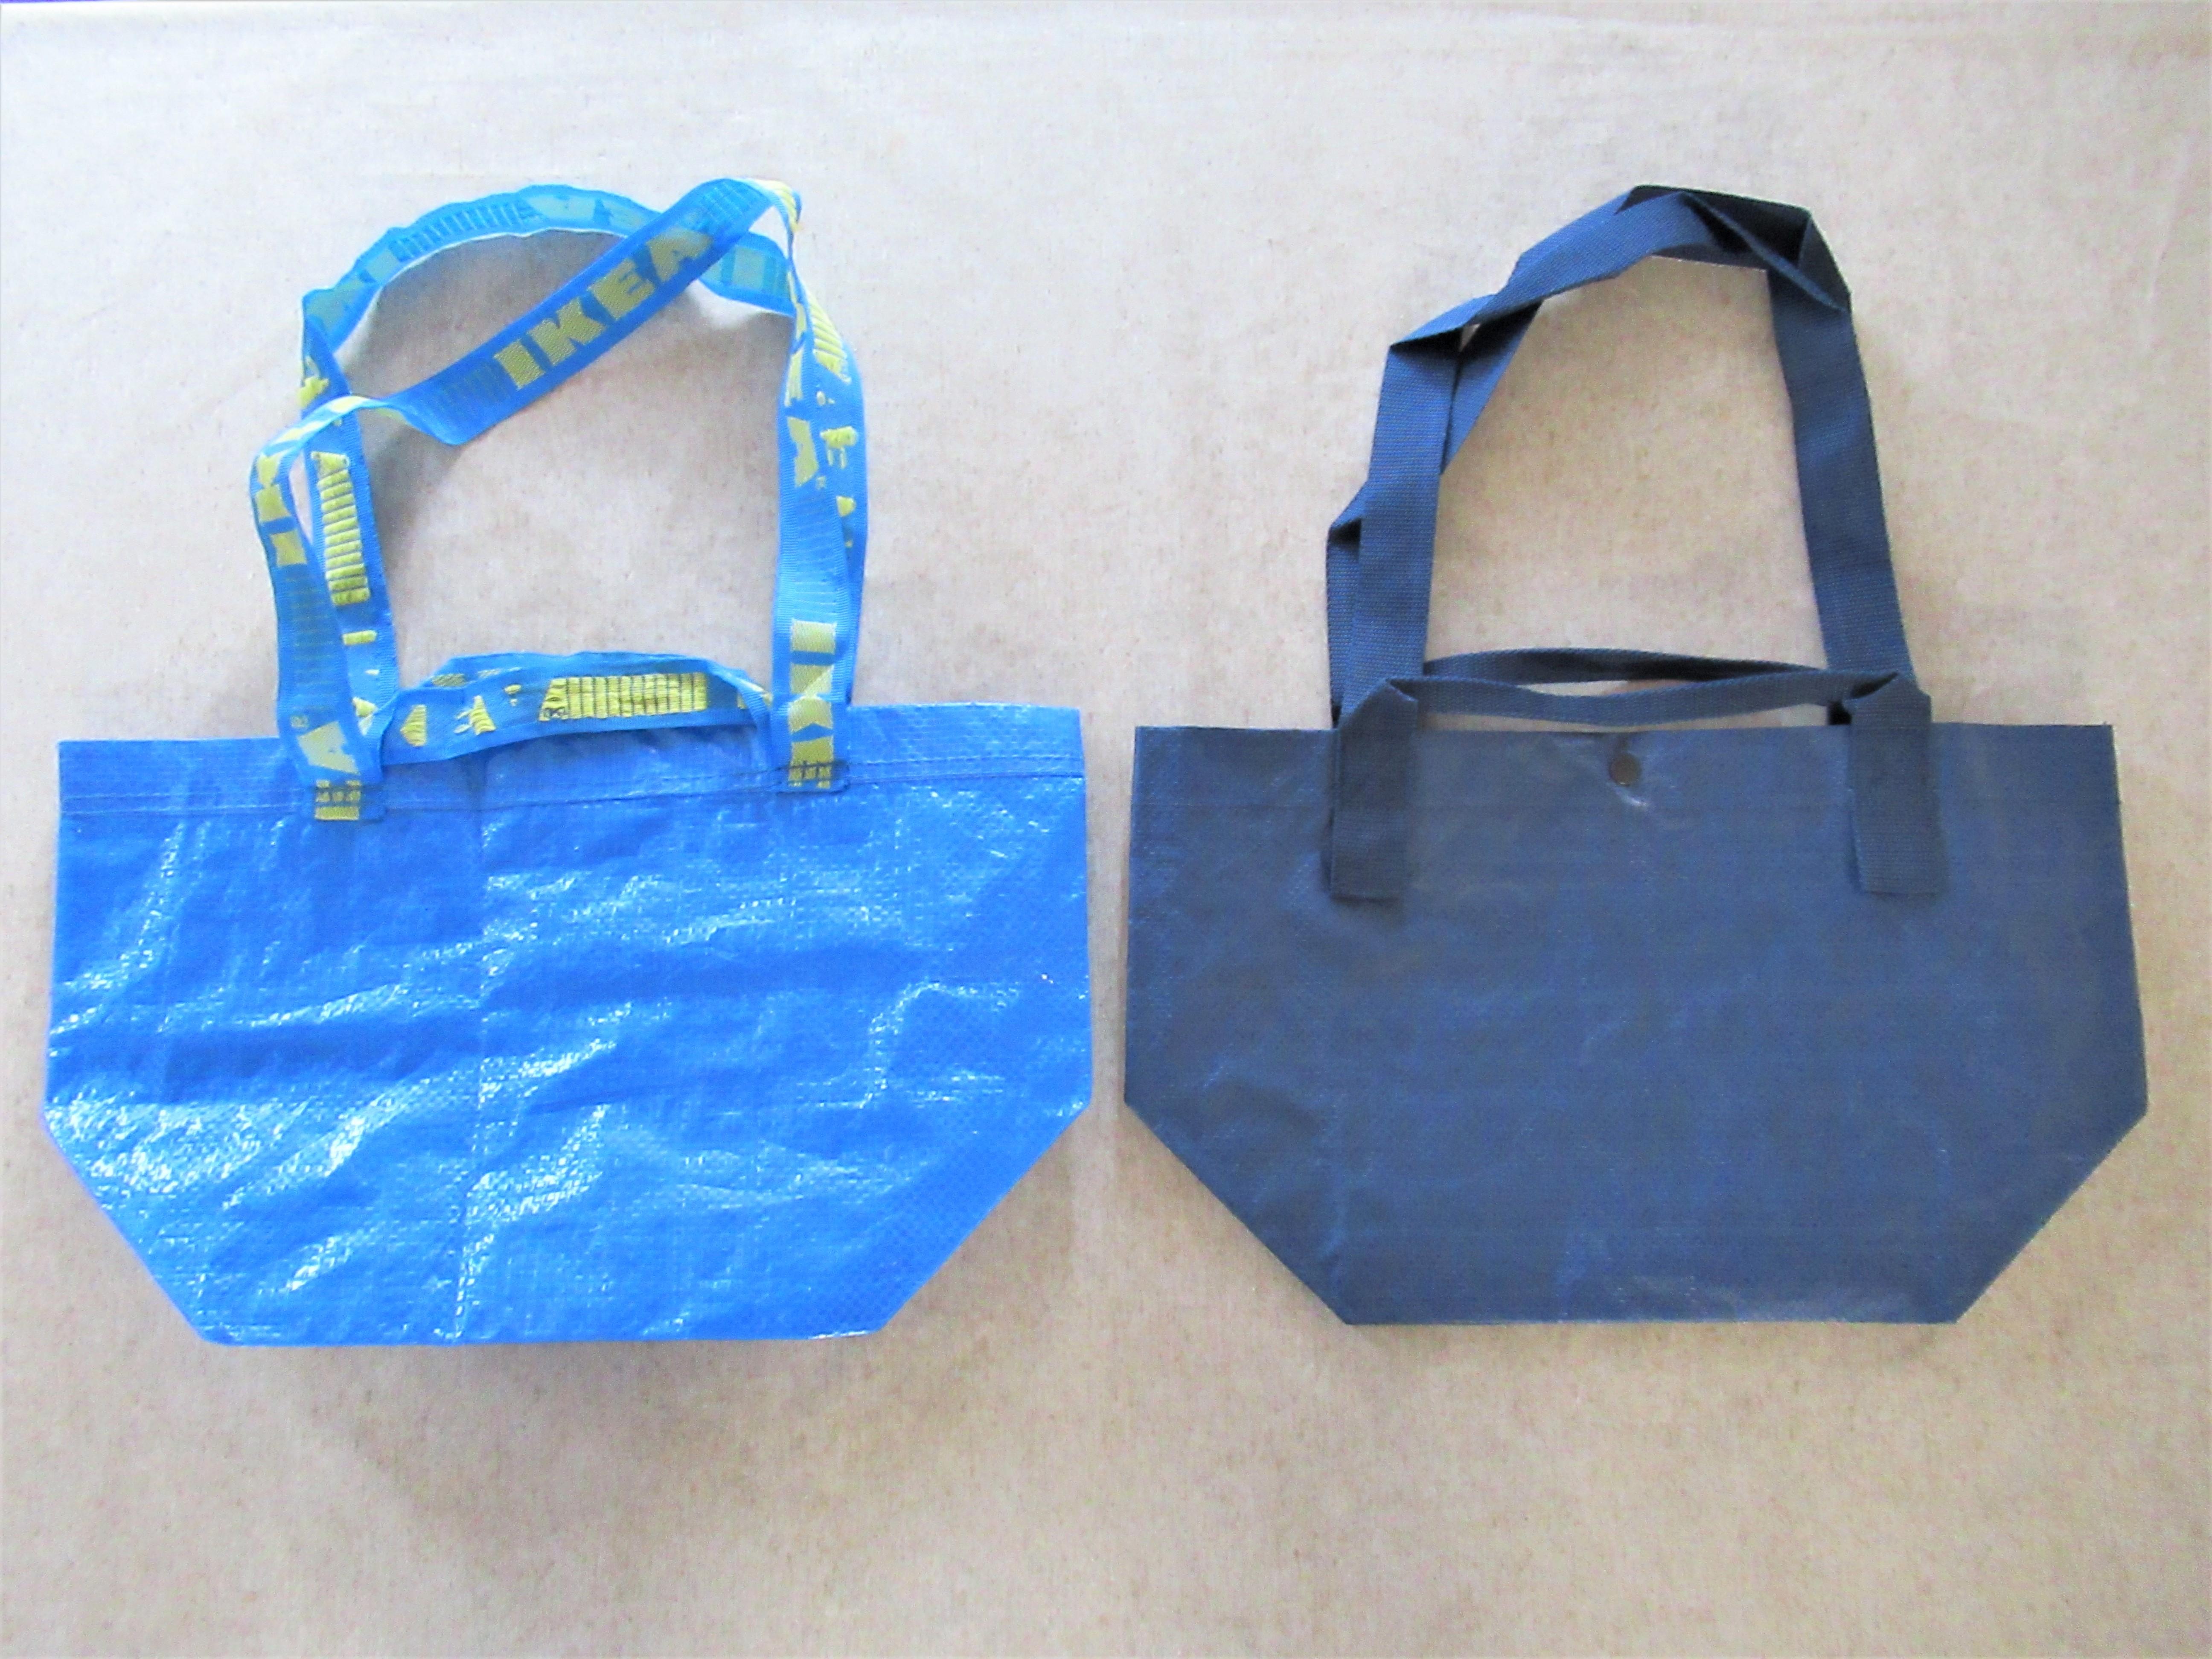 【無印良品】トートバックは旅行にオススメ!【IKEA】ブラットビーと比較!用途によって使い分けが便利|ラク家事ブログ